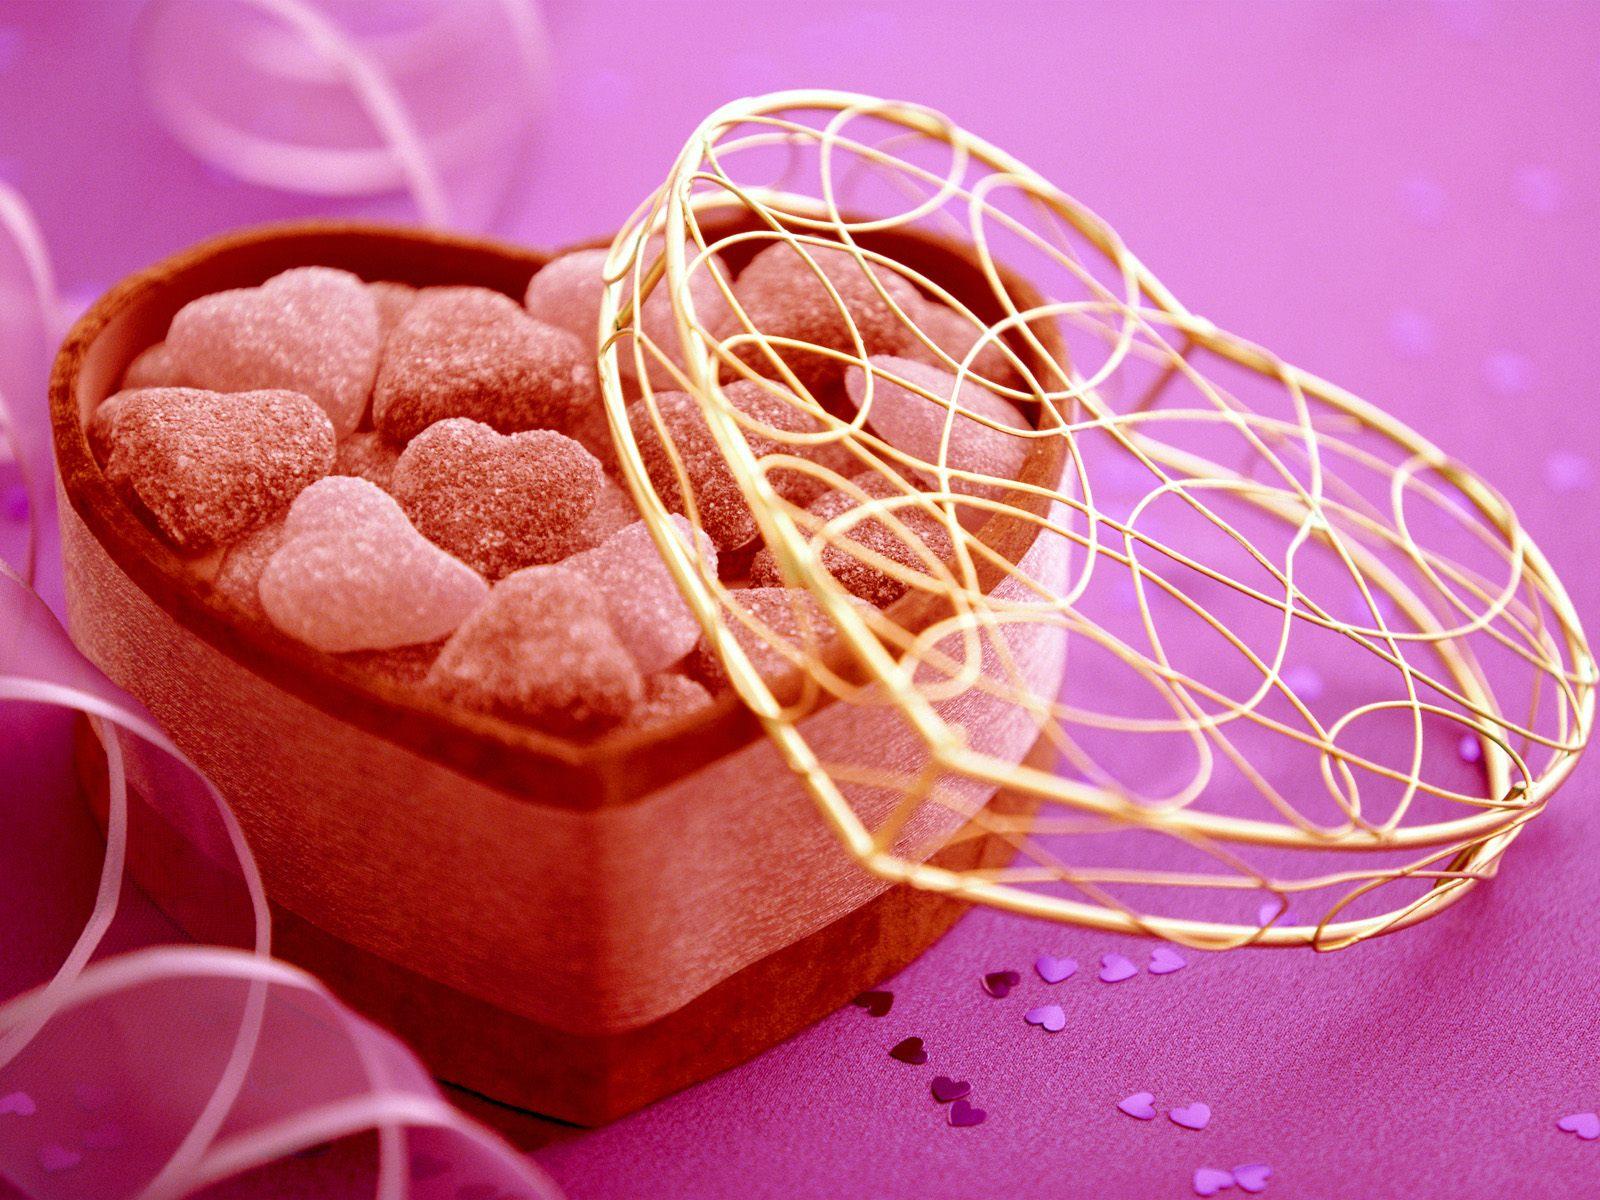 http://4.bp.blogspot.com/-Ri2-Fq83yCA/Twb4iY3xGCI/AAAAAAAACQ4/KFc32hYRWpA/s1600/Valentines_day_wallpaper.jpg